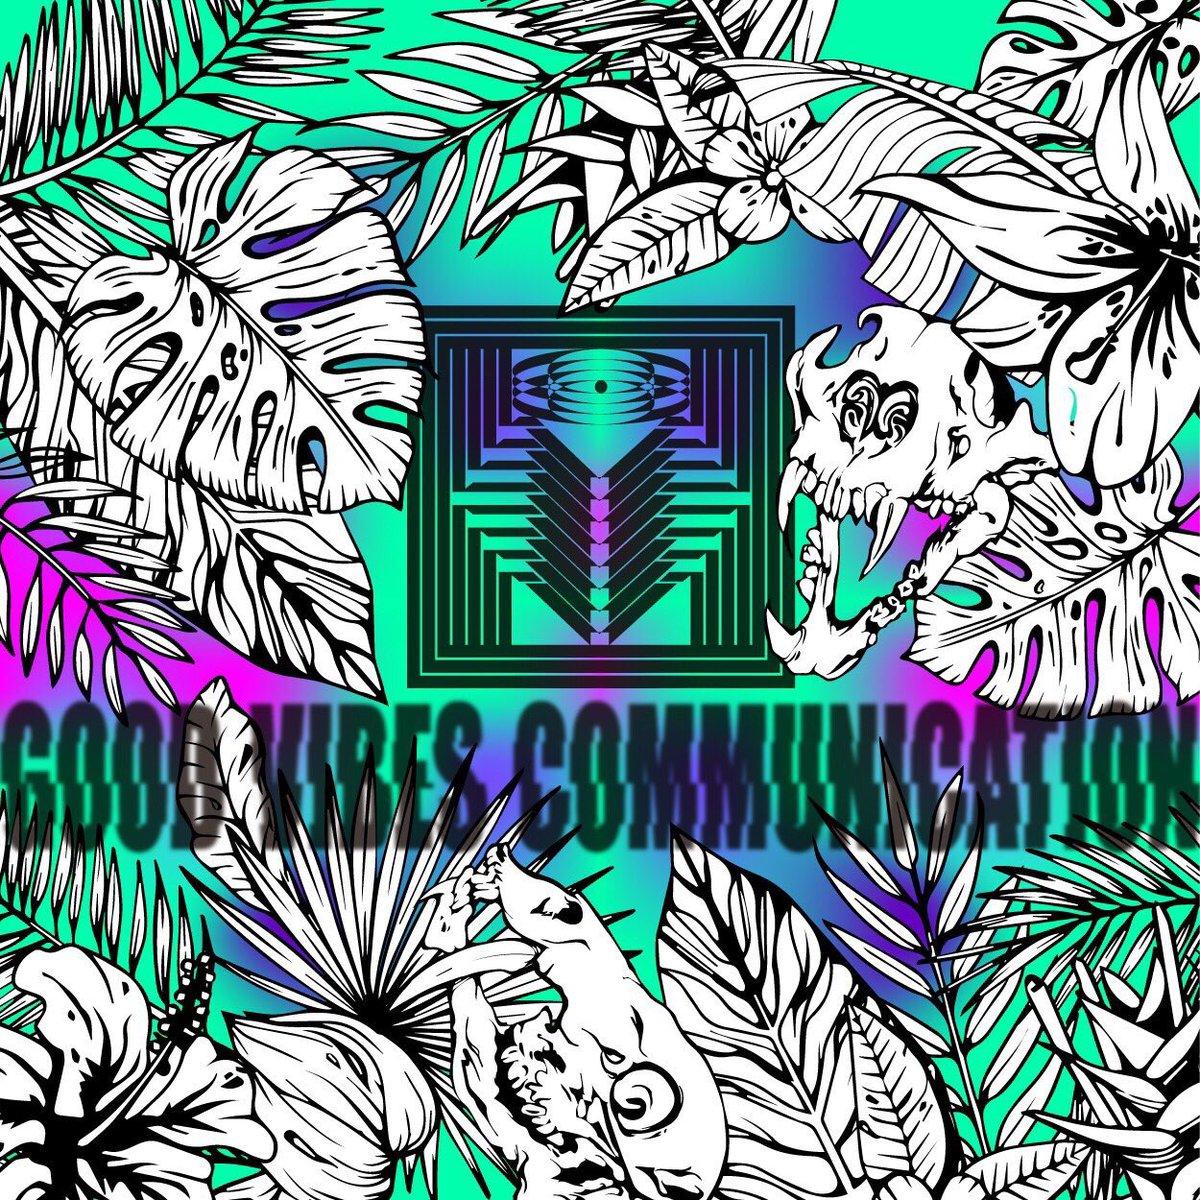 【リリース】 VIBES MAFIAの1st MIX 『GOOD VIBES COMMUNICATION』 フリーダウンロード公開! バイブスのみで駆け抜ける系!是非聞いてみて下さい! https://t.co/5CuVKXYPxW https://t.co/lT3i591AsT